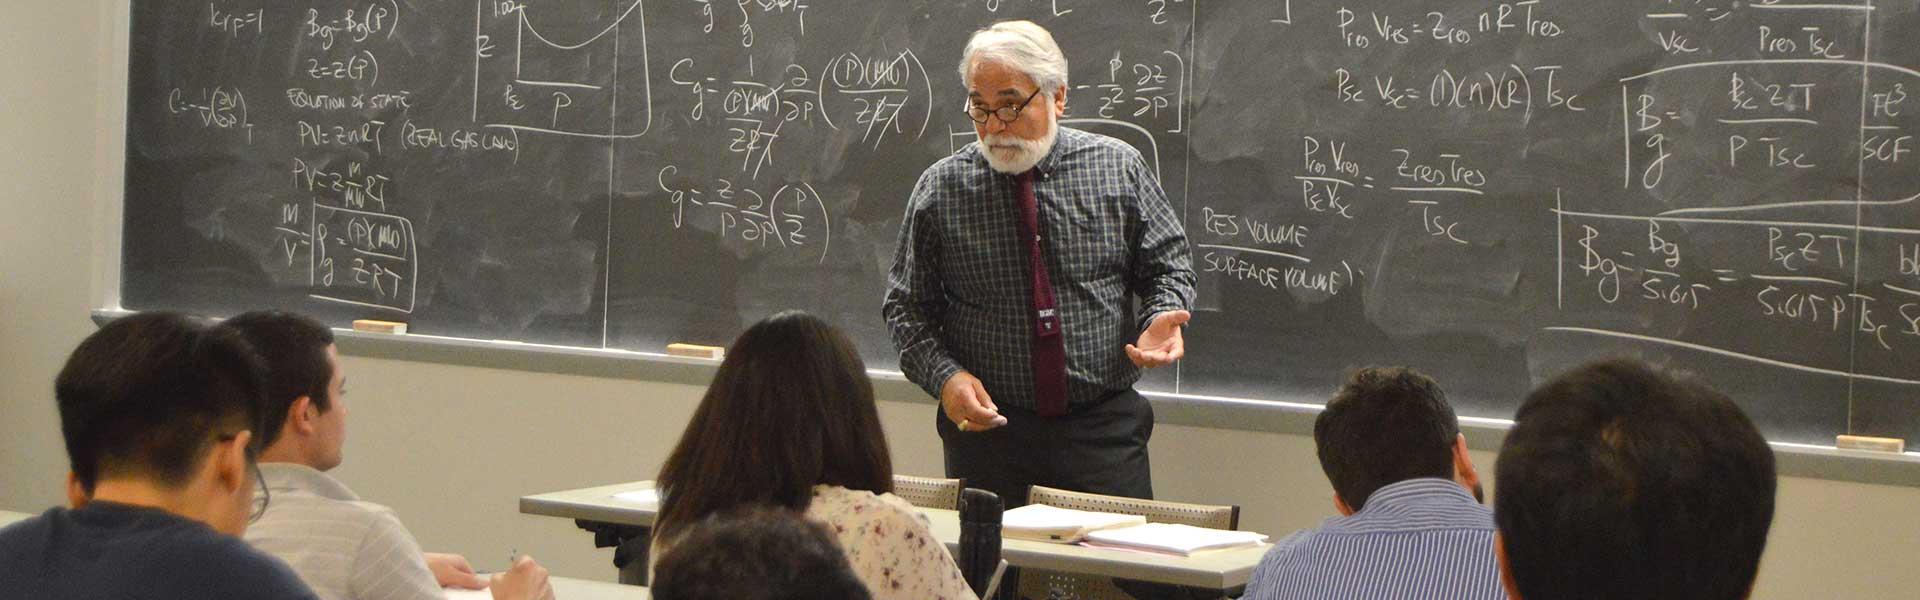 Turgay Ertekin teaching